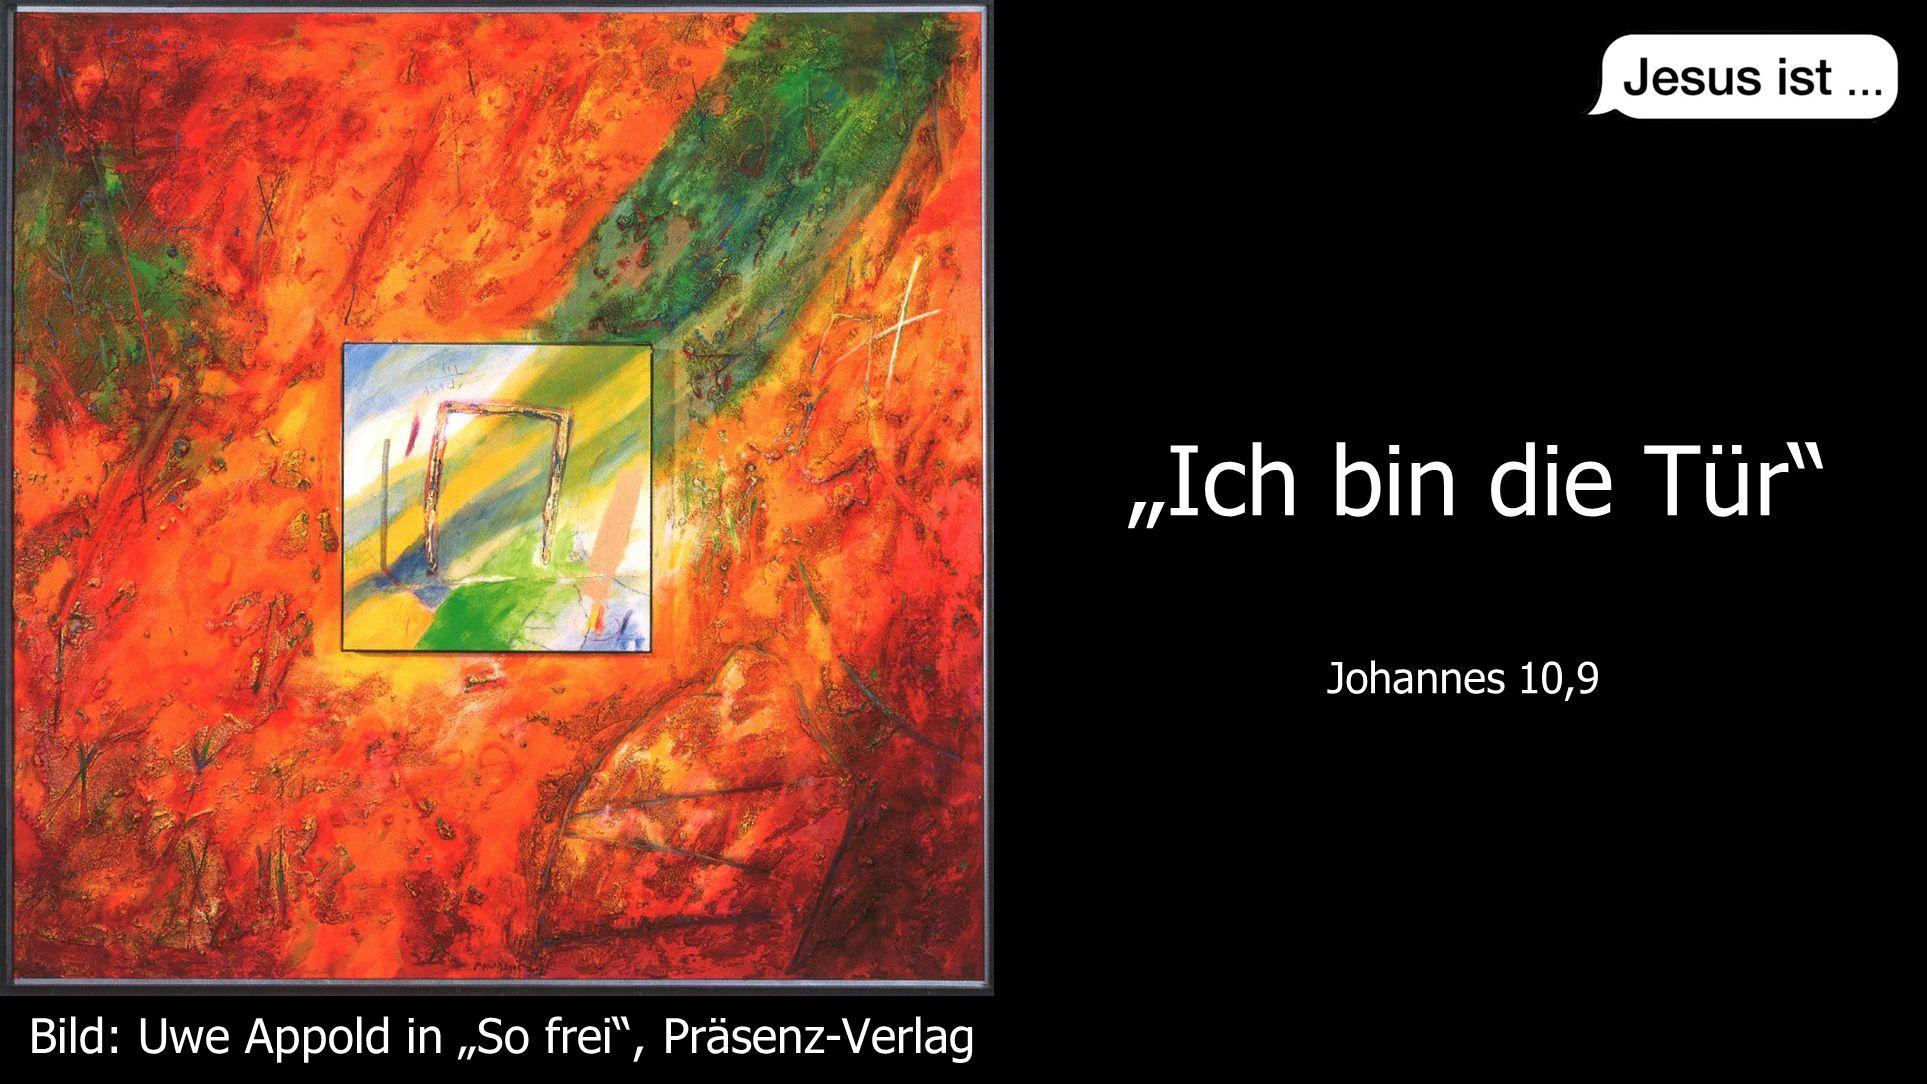 """"""""""" Johannes 10,9 """"Ich bin die Tür"""" Johannes 10,9 Bild: Uwe Appold in """"So frei"""", Präsenz-Verlag"""